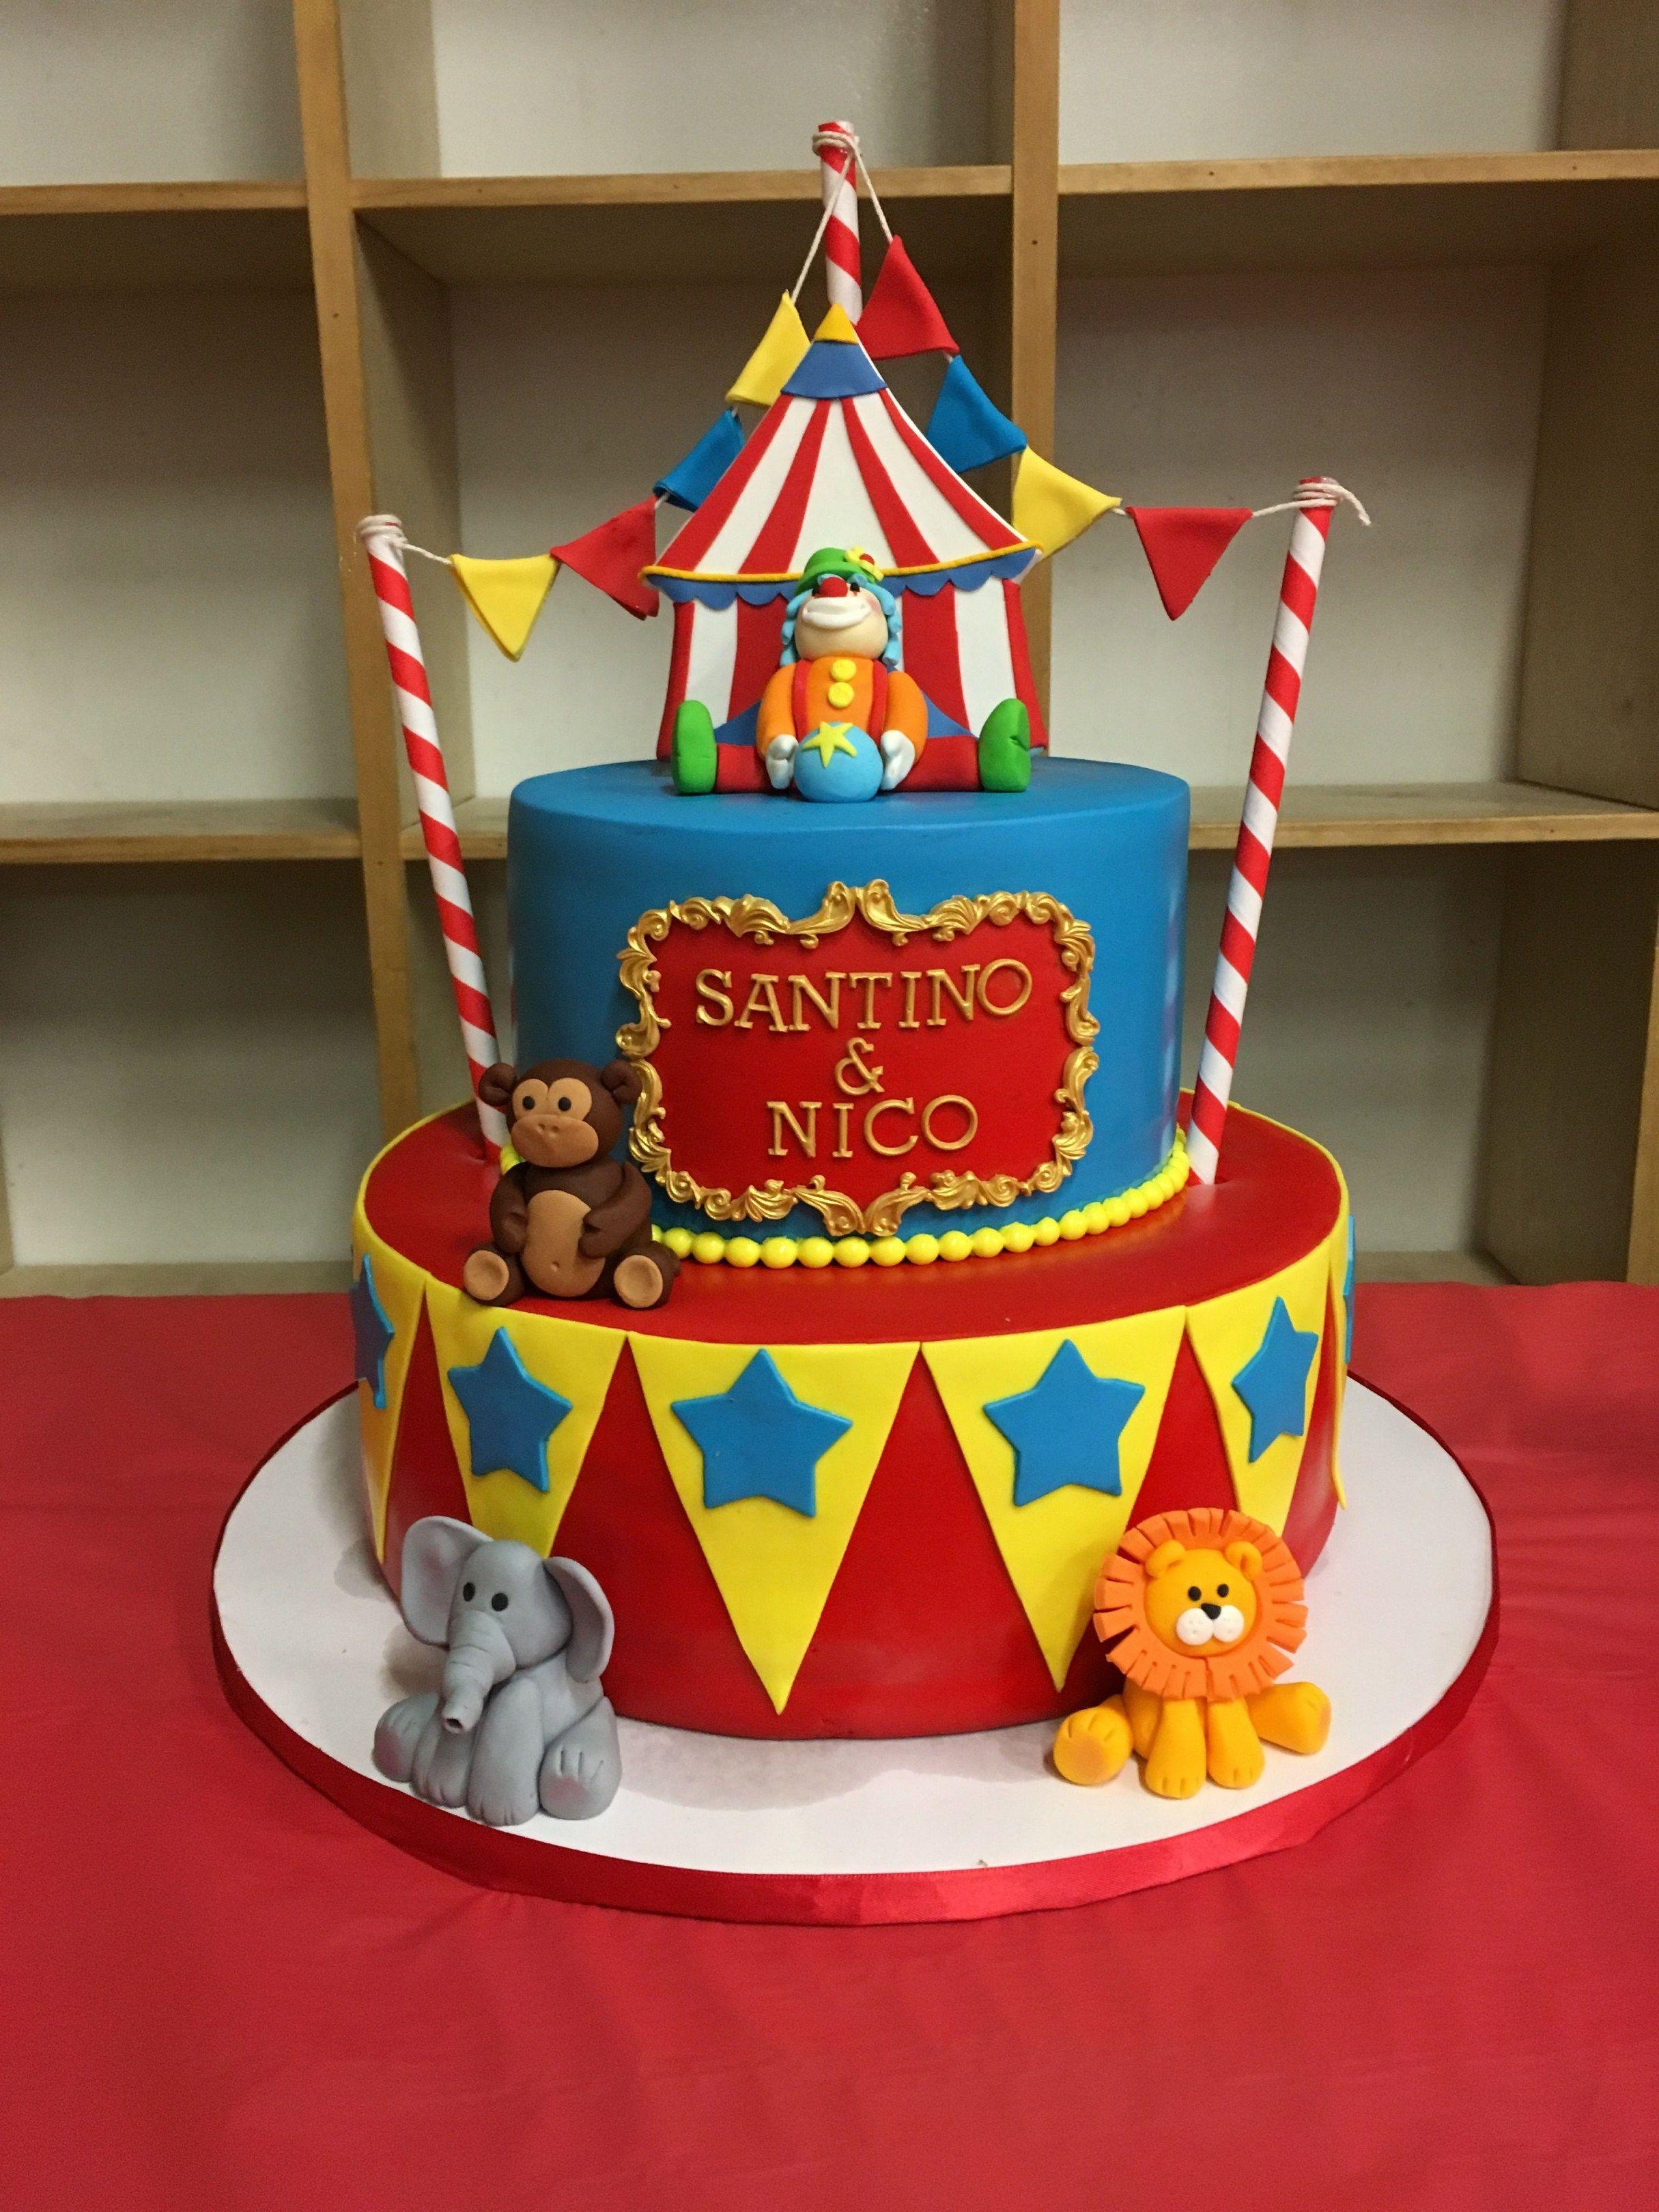 Circus Birthday Cakes Circus Birthday Cake 1st Birthday Pinterest Birthday Circus Davemelillo Com Carnival Birthday Cakes Circus Birthday Cake Carnival Cakes